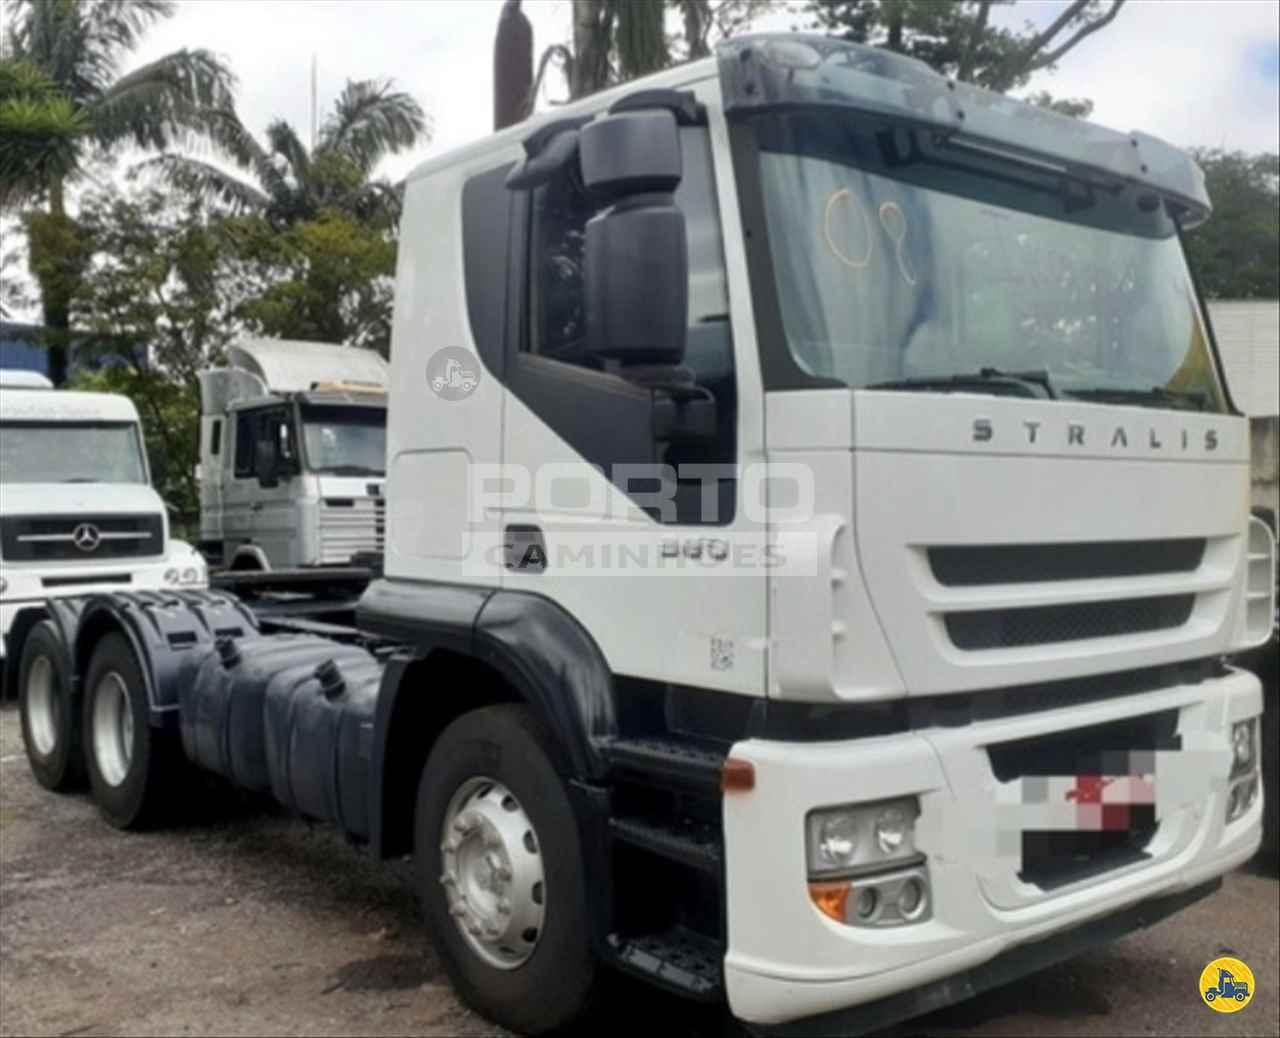 CAMINHAO IVECO STRALIS 380 Cavalo Mecânico Truck 6x2 Porto Caminhões GUARULHOS SÃO PAULO SP